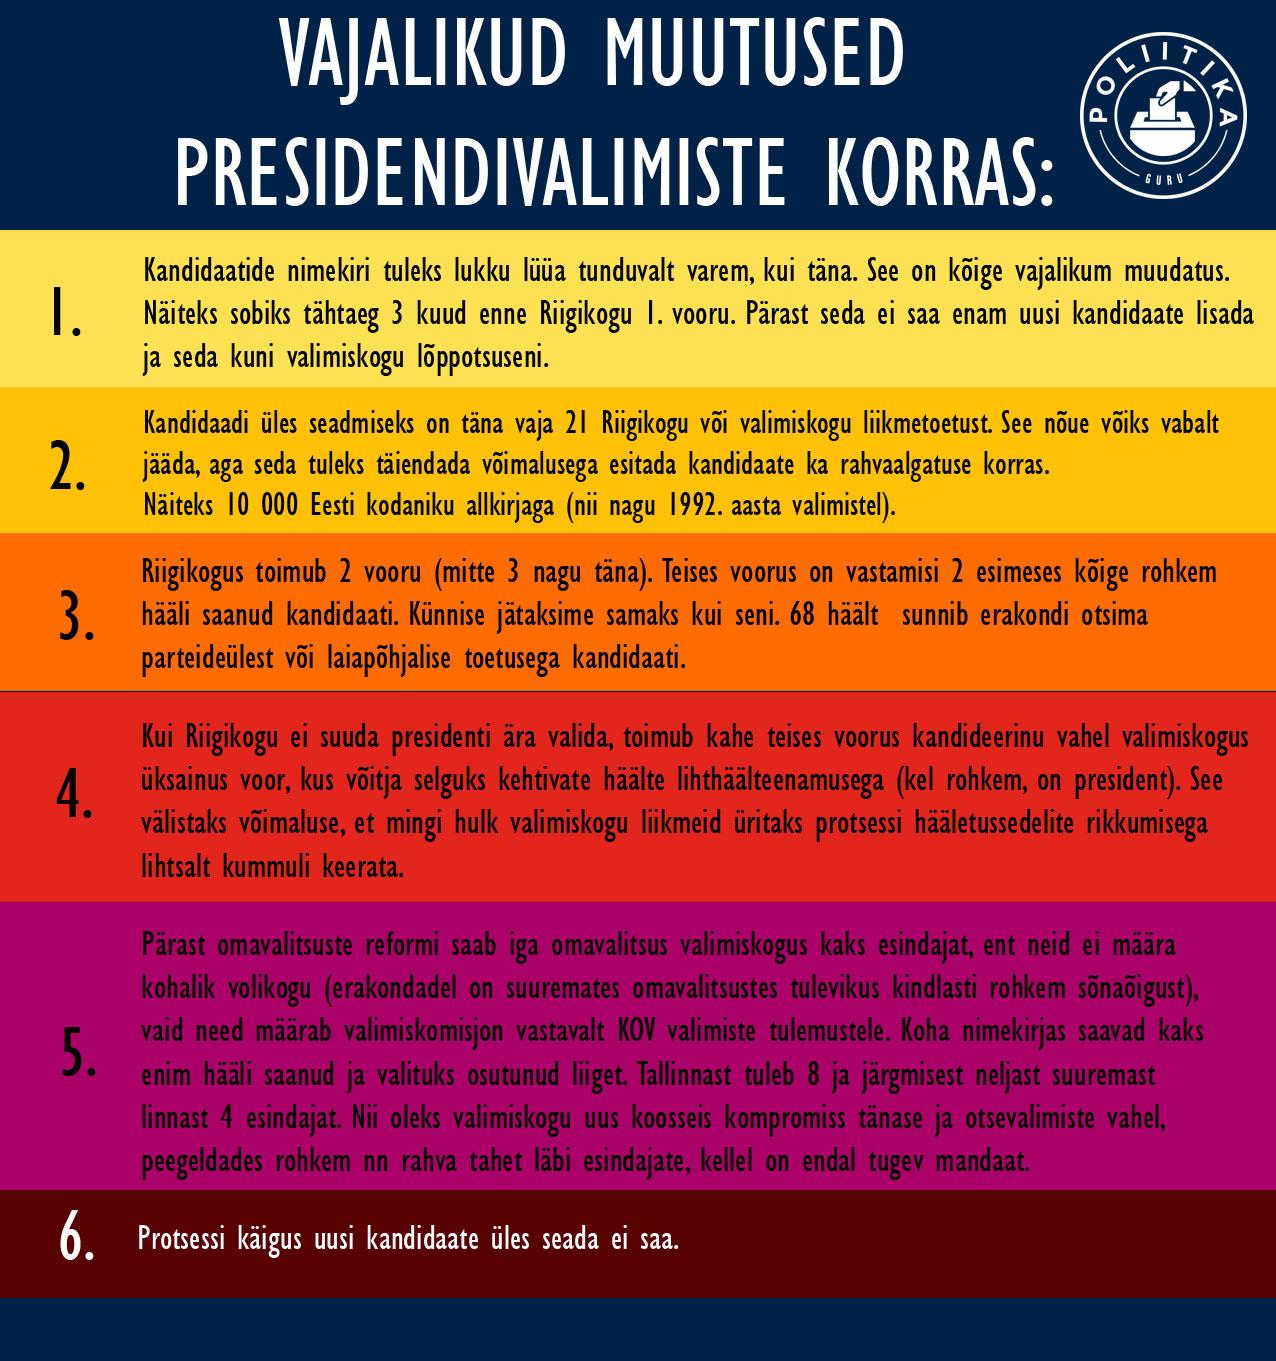 Muutused-presidendivalimiste-korras